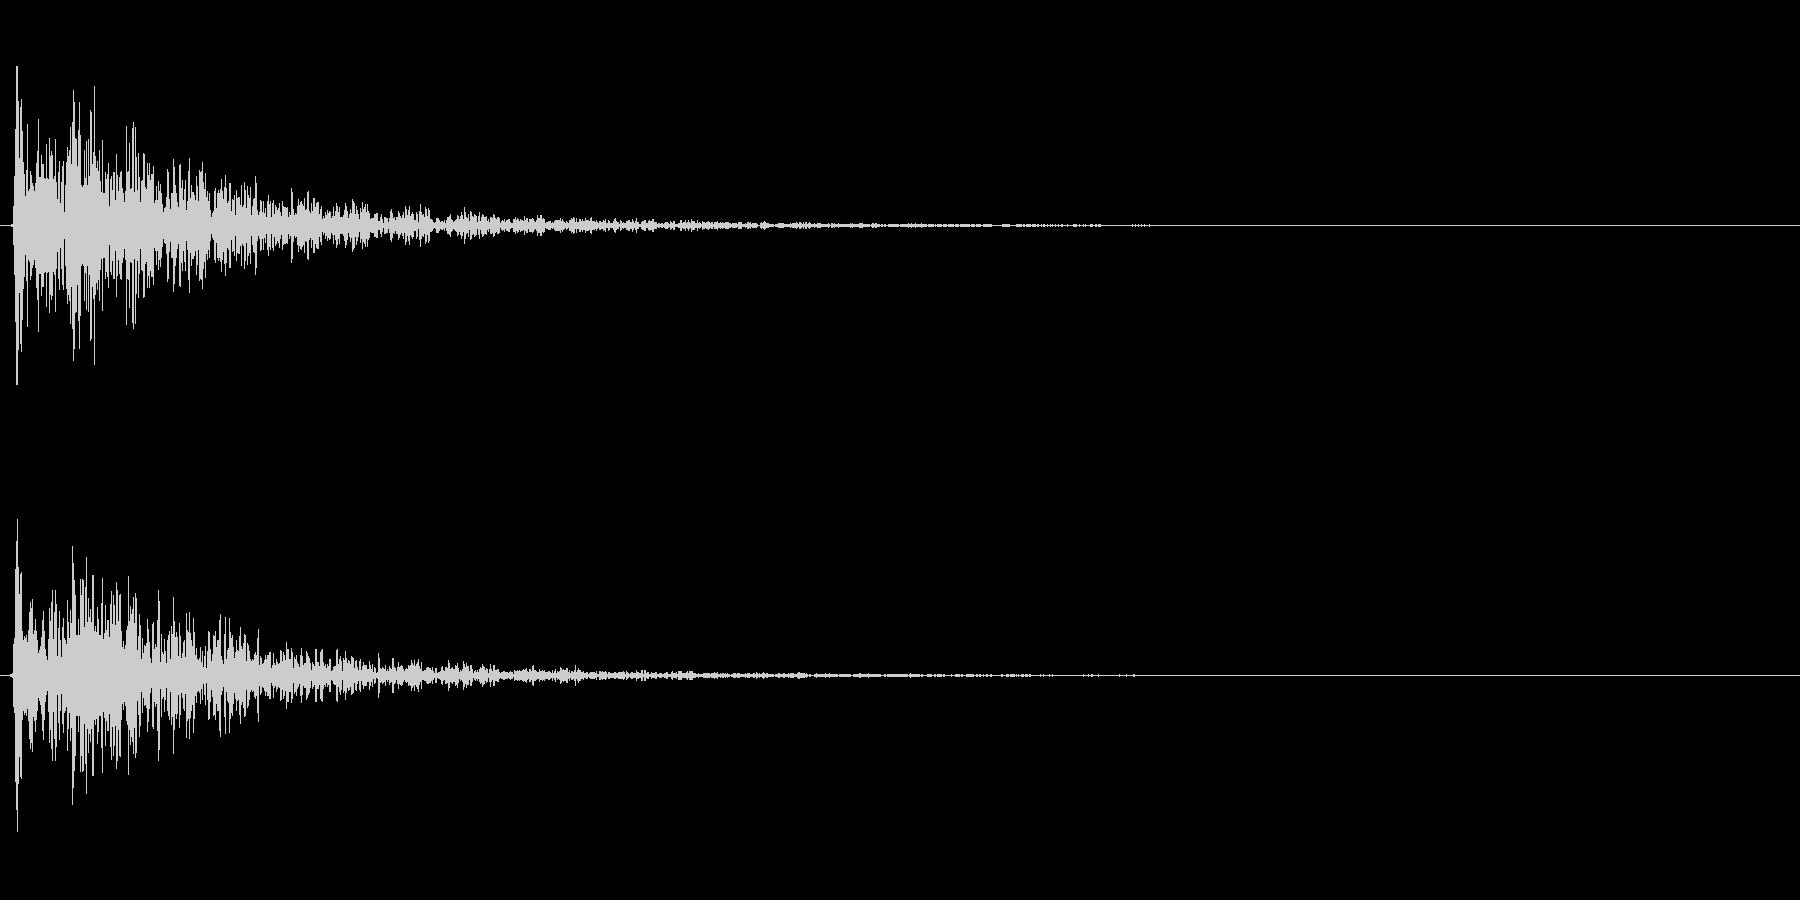 【衝撃01-2】の未再生の波形